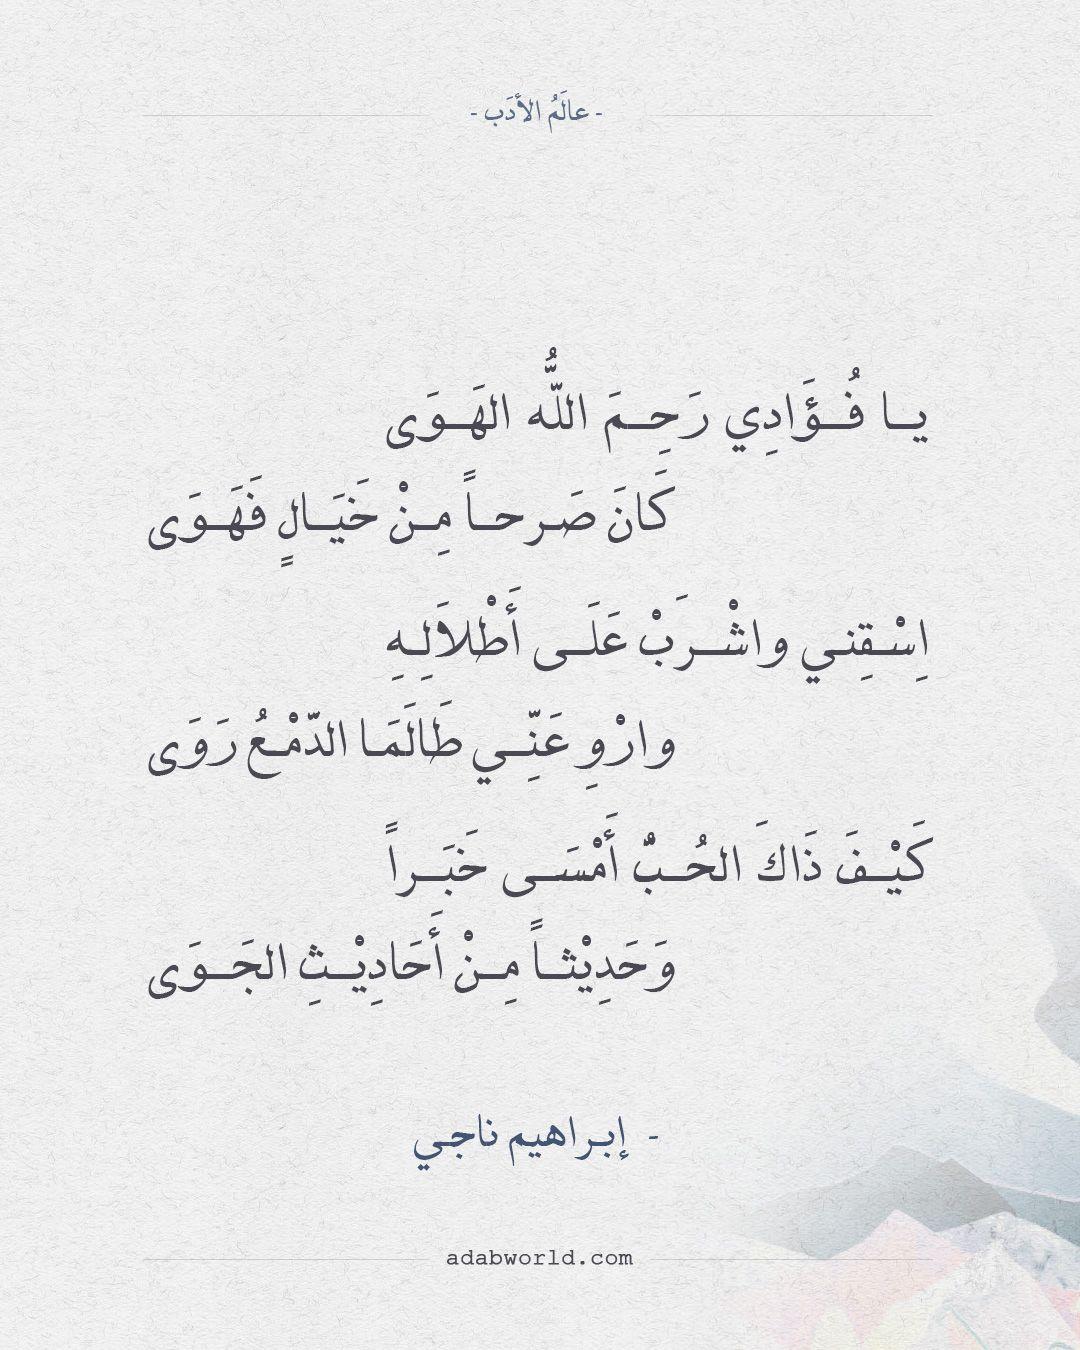 شعر إبراهيم ناجي يا فؤادي رحم الله الهوى عالم الأدب Beautiful Arabic Words Arabic Poetry Cool Words